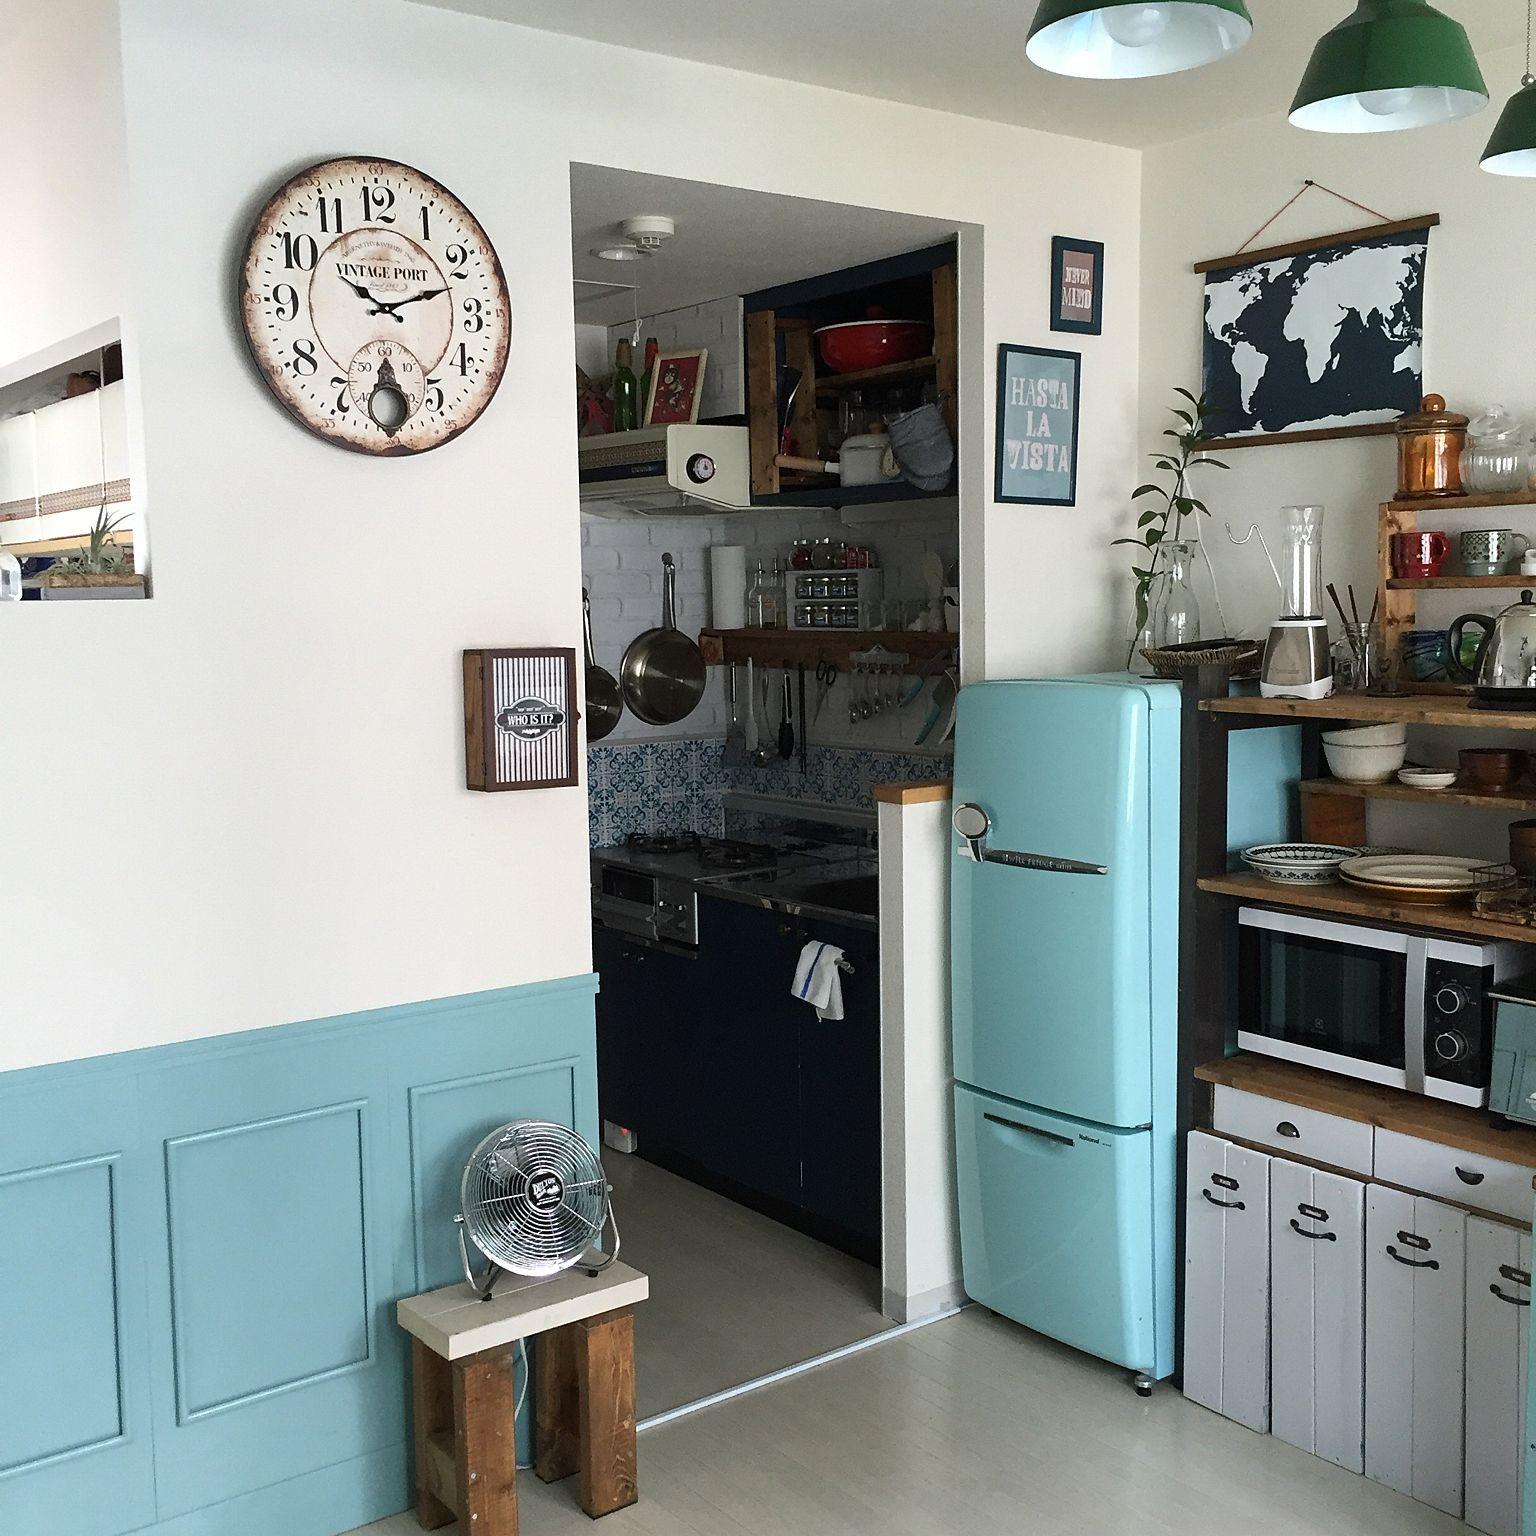 部屋全体 賃貸 外国のアパルトメント系 キッチンdiy 一人暮らし など